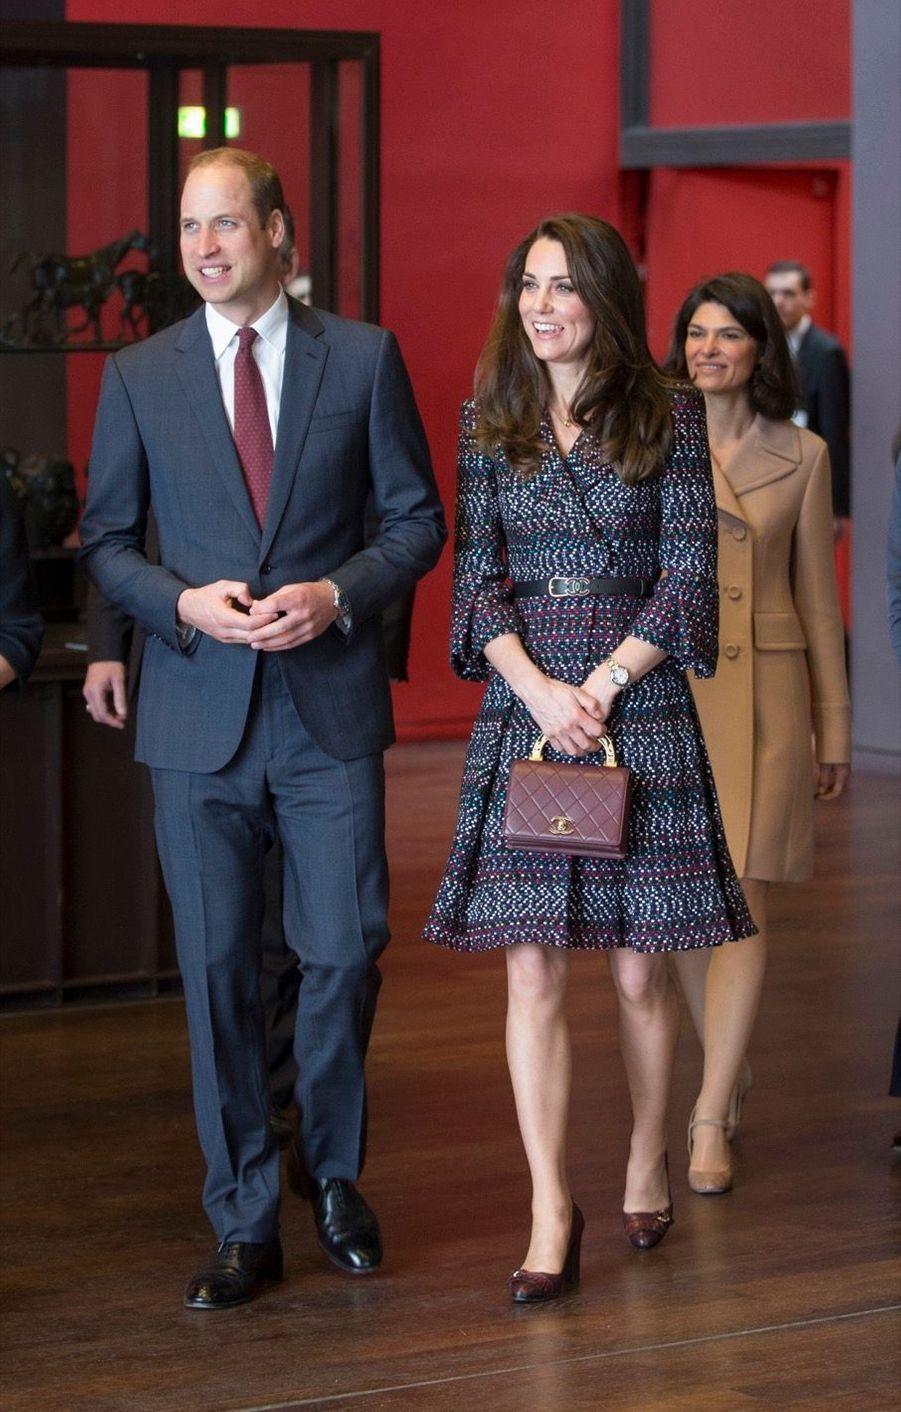 Kate Middleton Et Le Prince William Au Musée D'Orsay 23